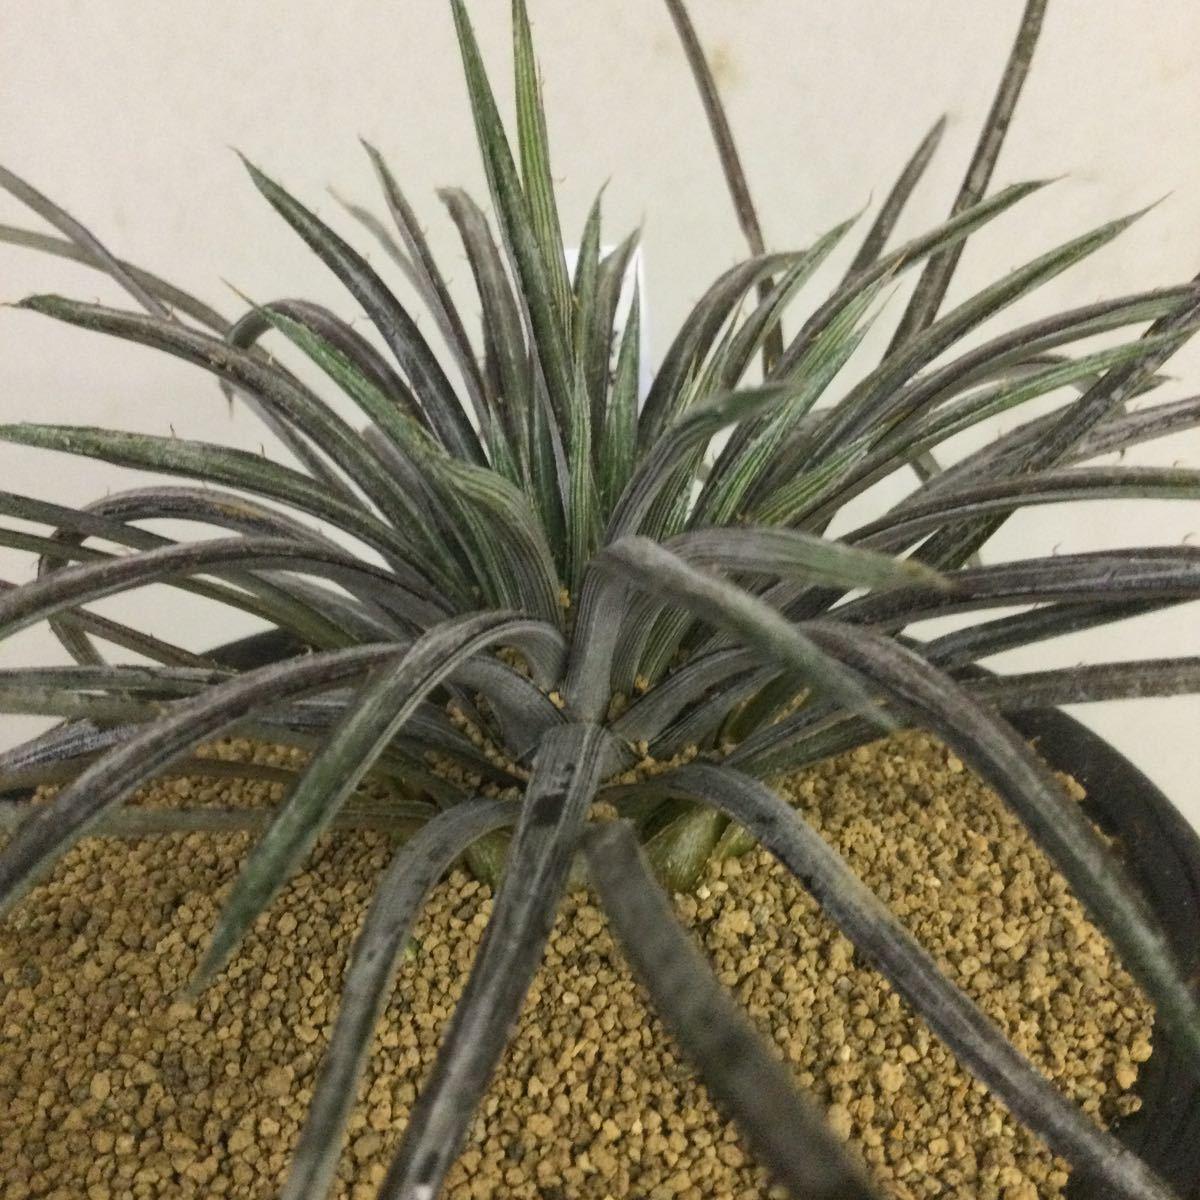 ディキア コリスタミネア 多肉植物